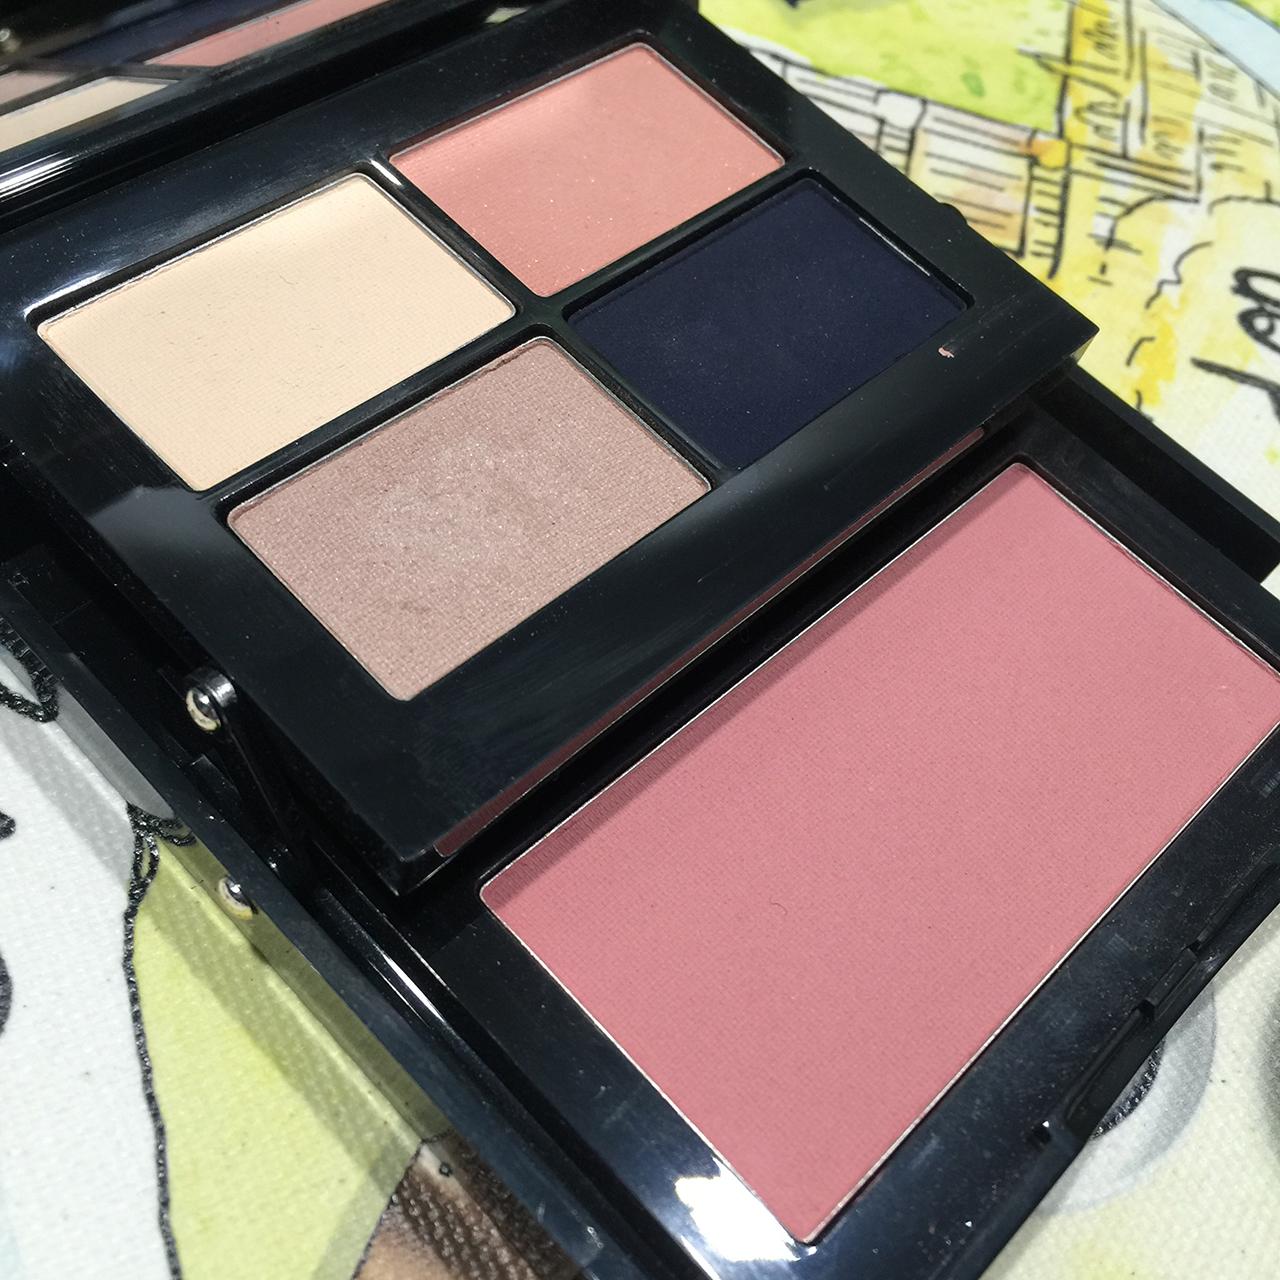 bobbi-brown-london-palette-closeup